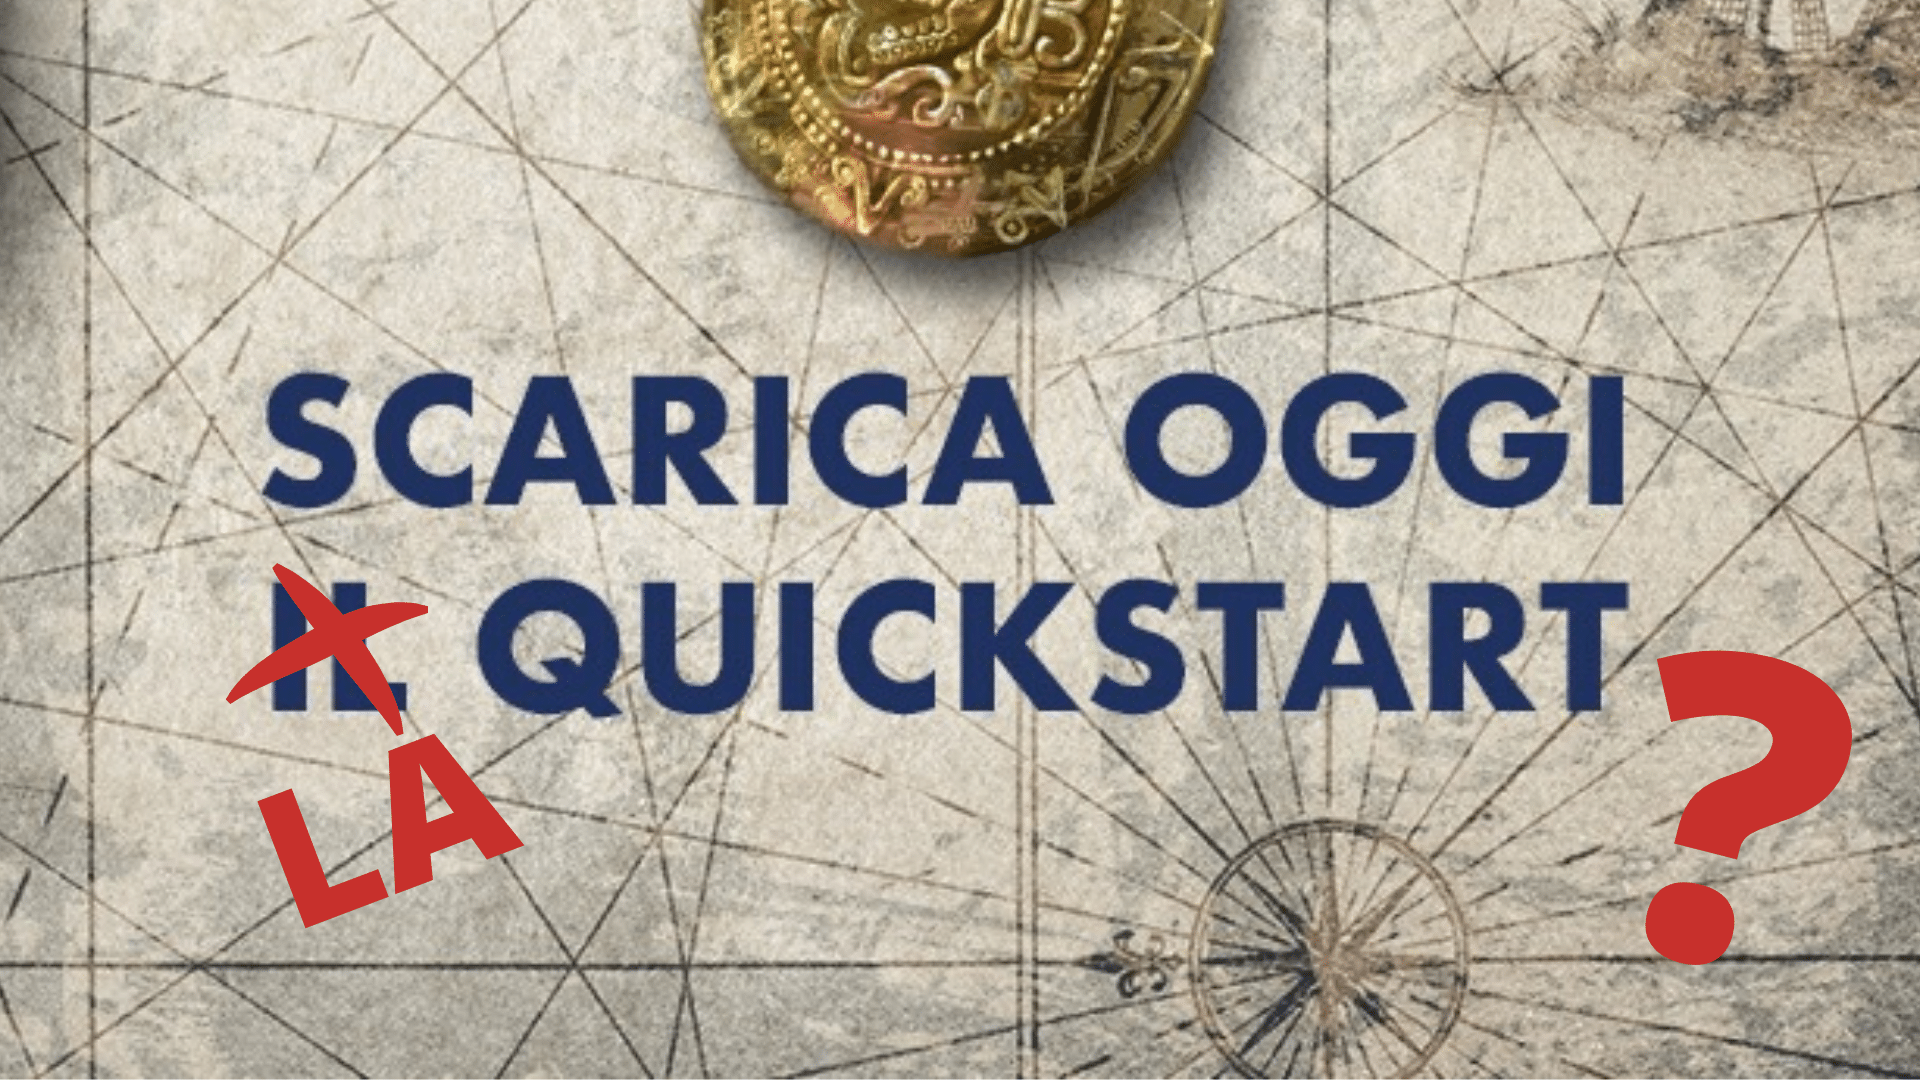 Il quickstart o la quickstart? Un approfondimento linguistico